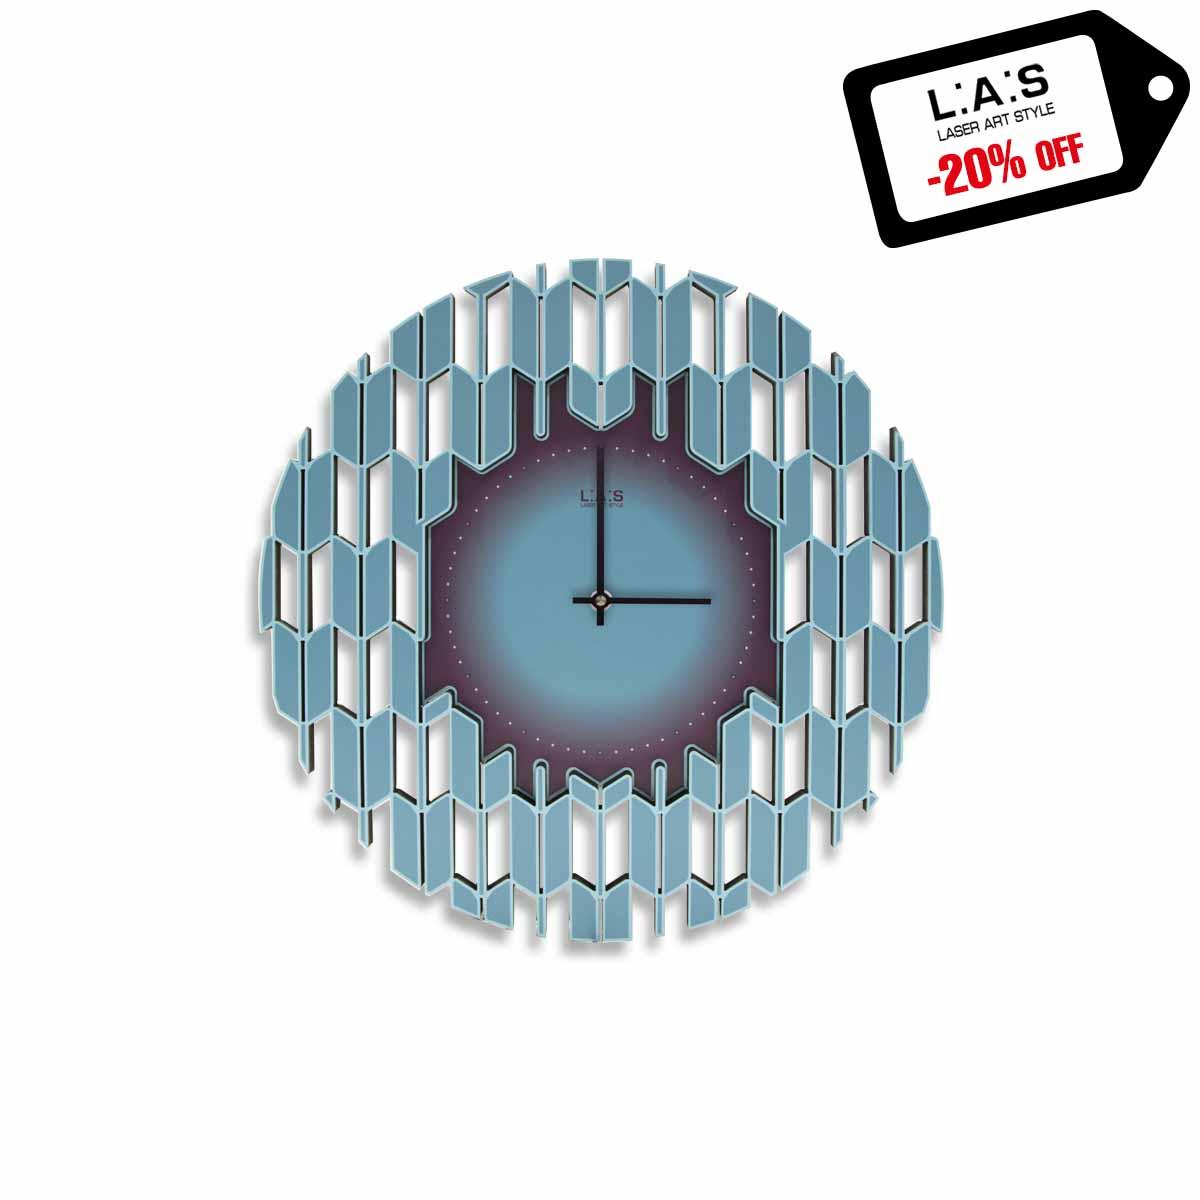 L:A:S - Laser Art Style - OROLOGIO DA PARETE DESIGN MODERNO – SI-540 DECORO TURCHESE-VIOLA